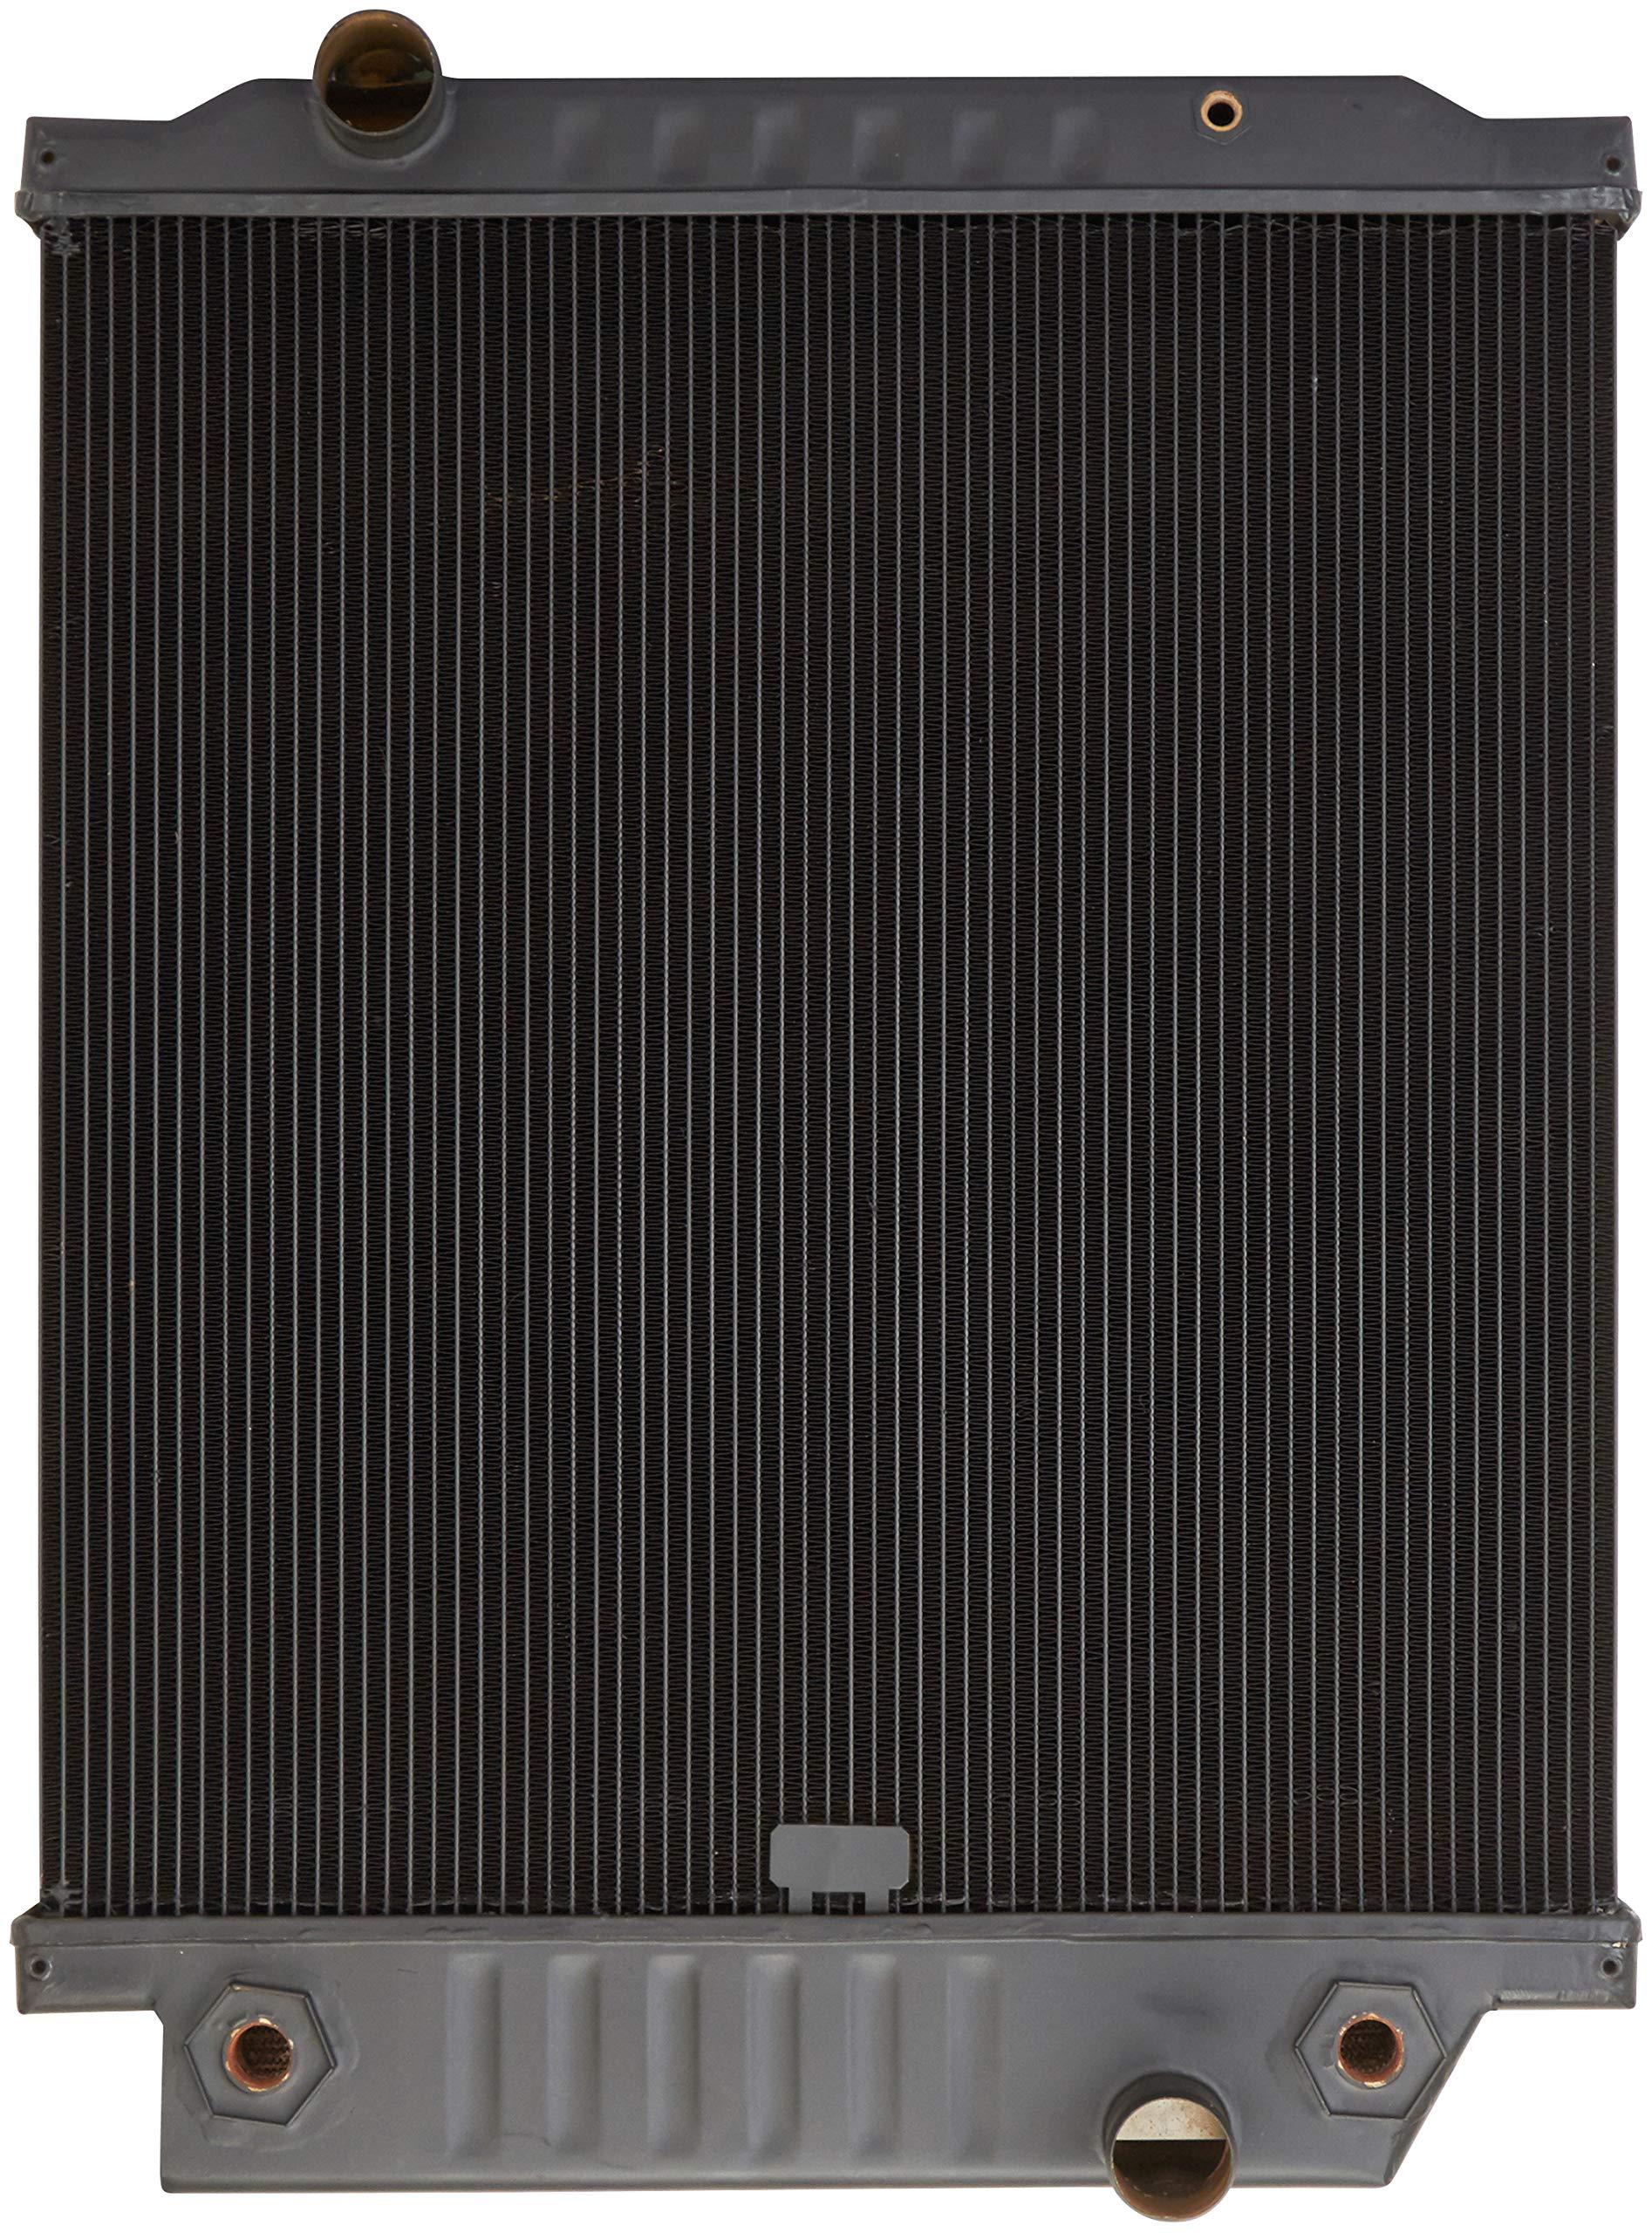 Spectra Premium 2001-1720 Industrial Complete Radiator